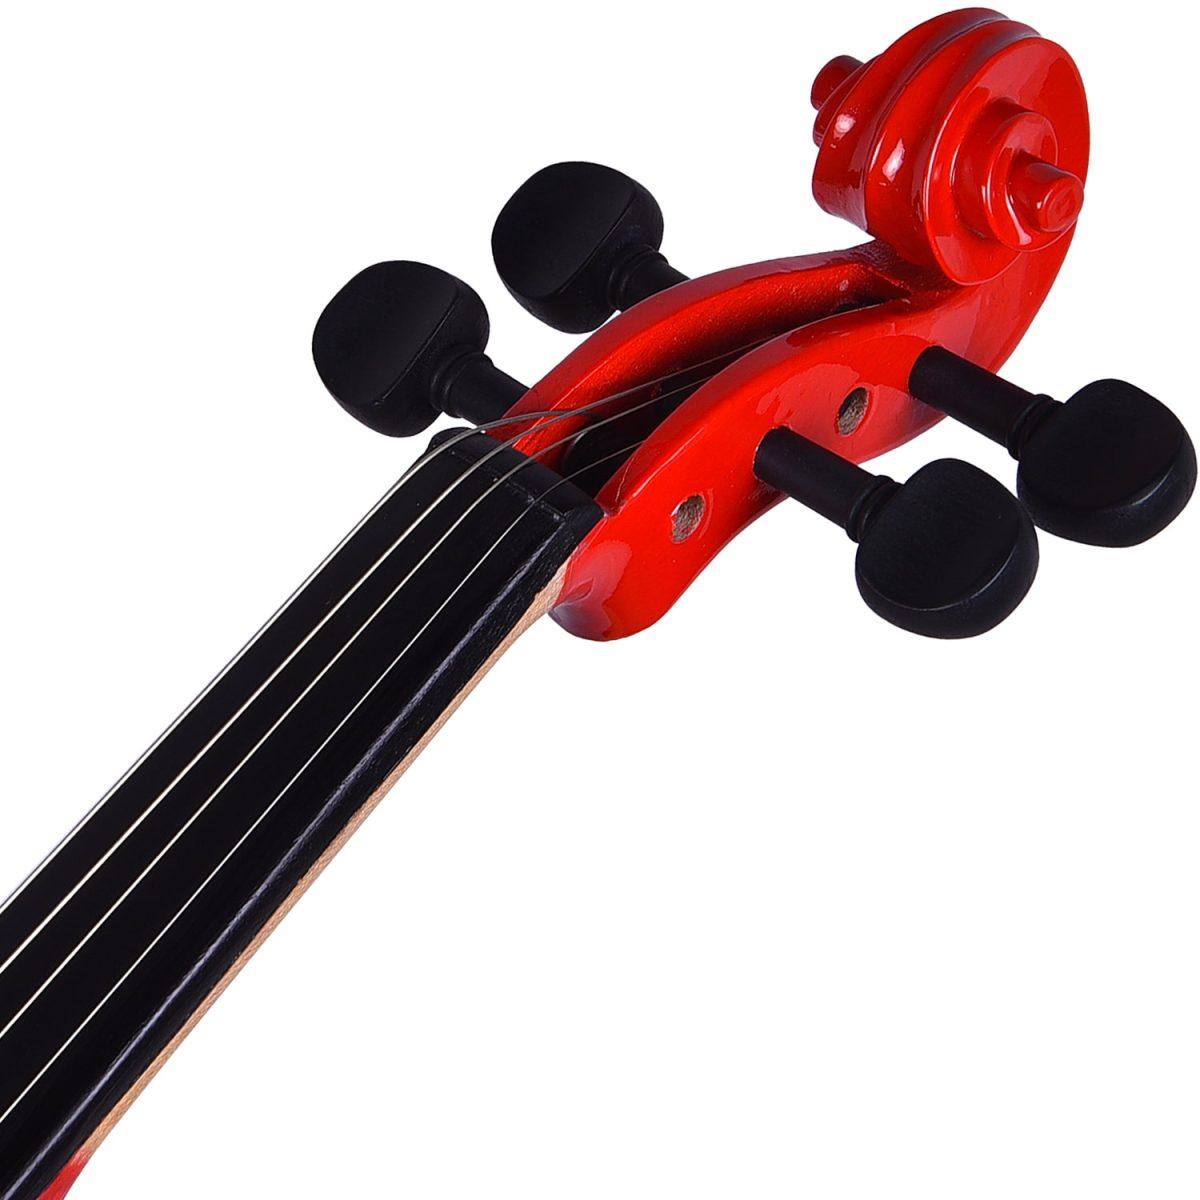 Kadence, Vivaldi 4/4 Violin With Bow, Rosin, Hard Case V-001R WINE RED